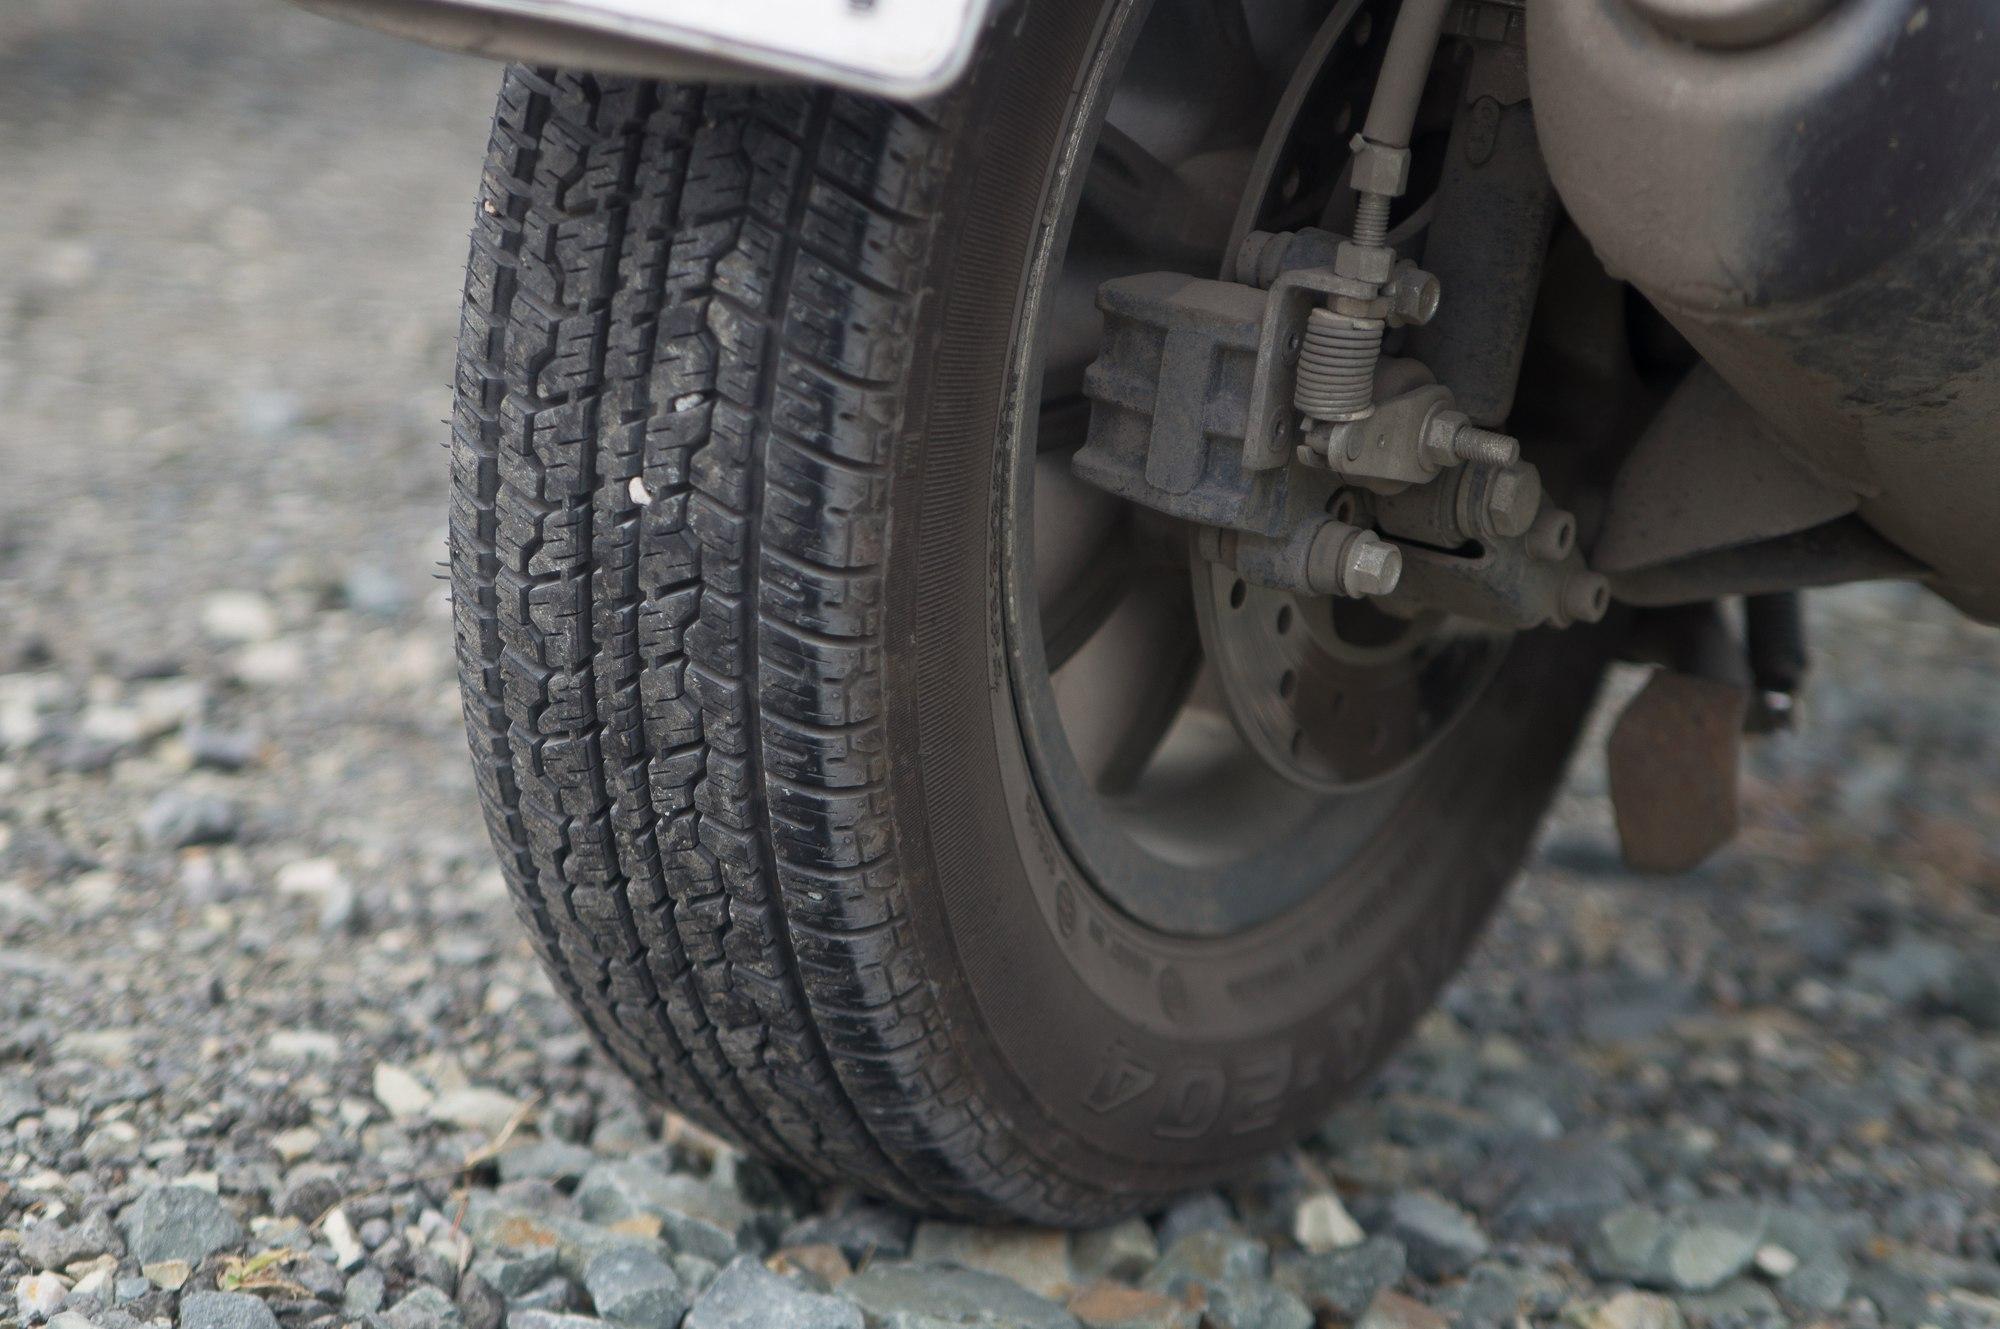 piaggio mp3 darkside tire